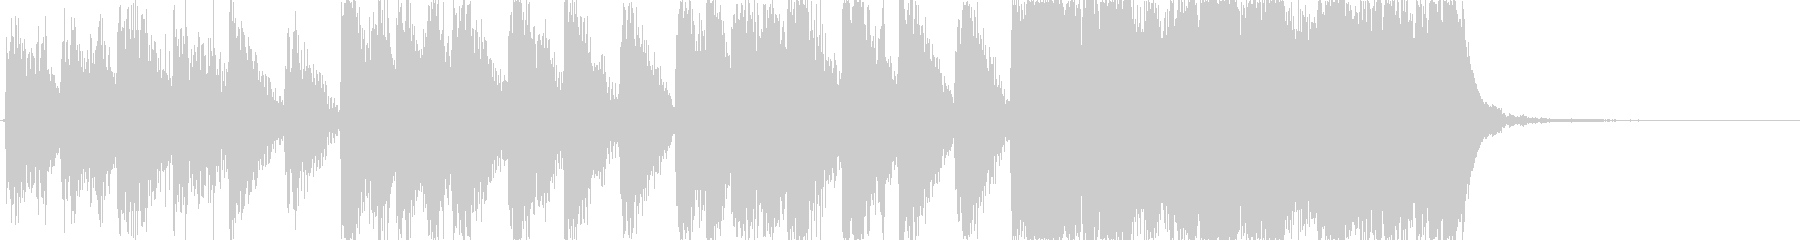 ゲーム等に最適な、少し長めのファンファ…の未再生の波形